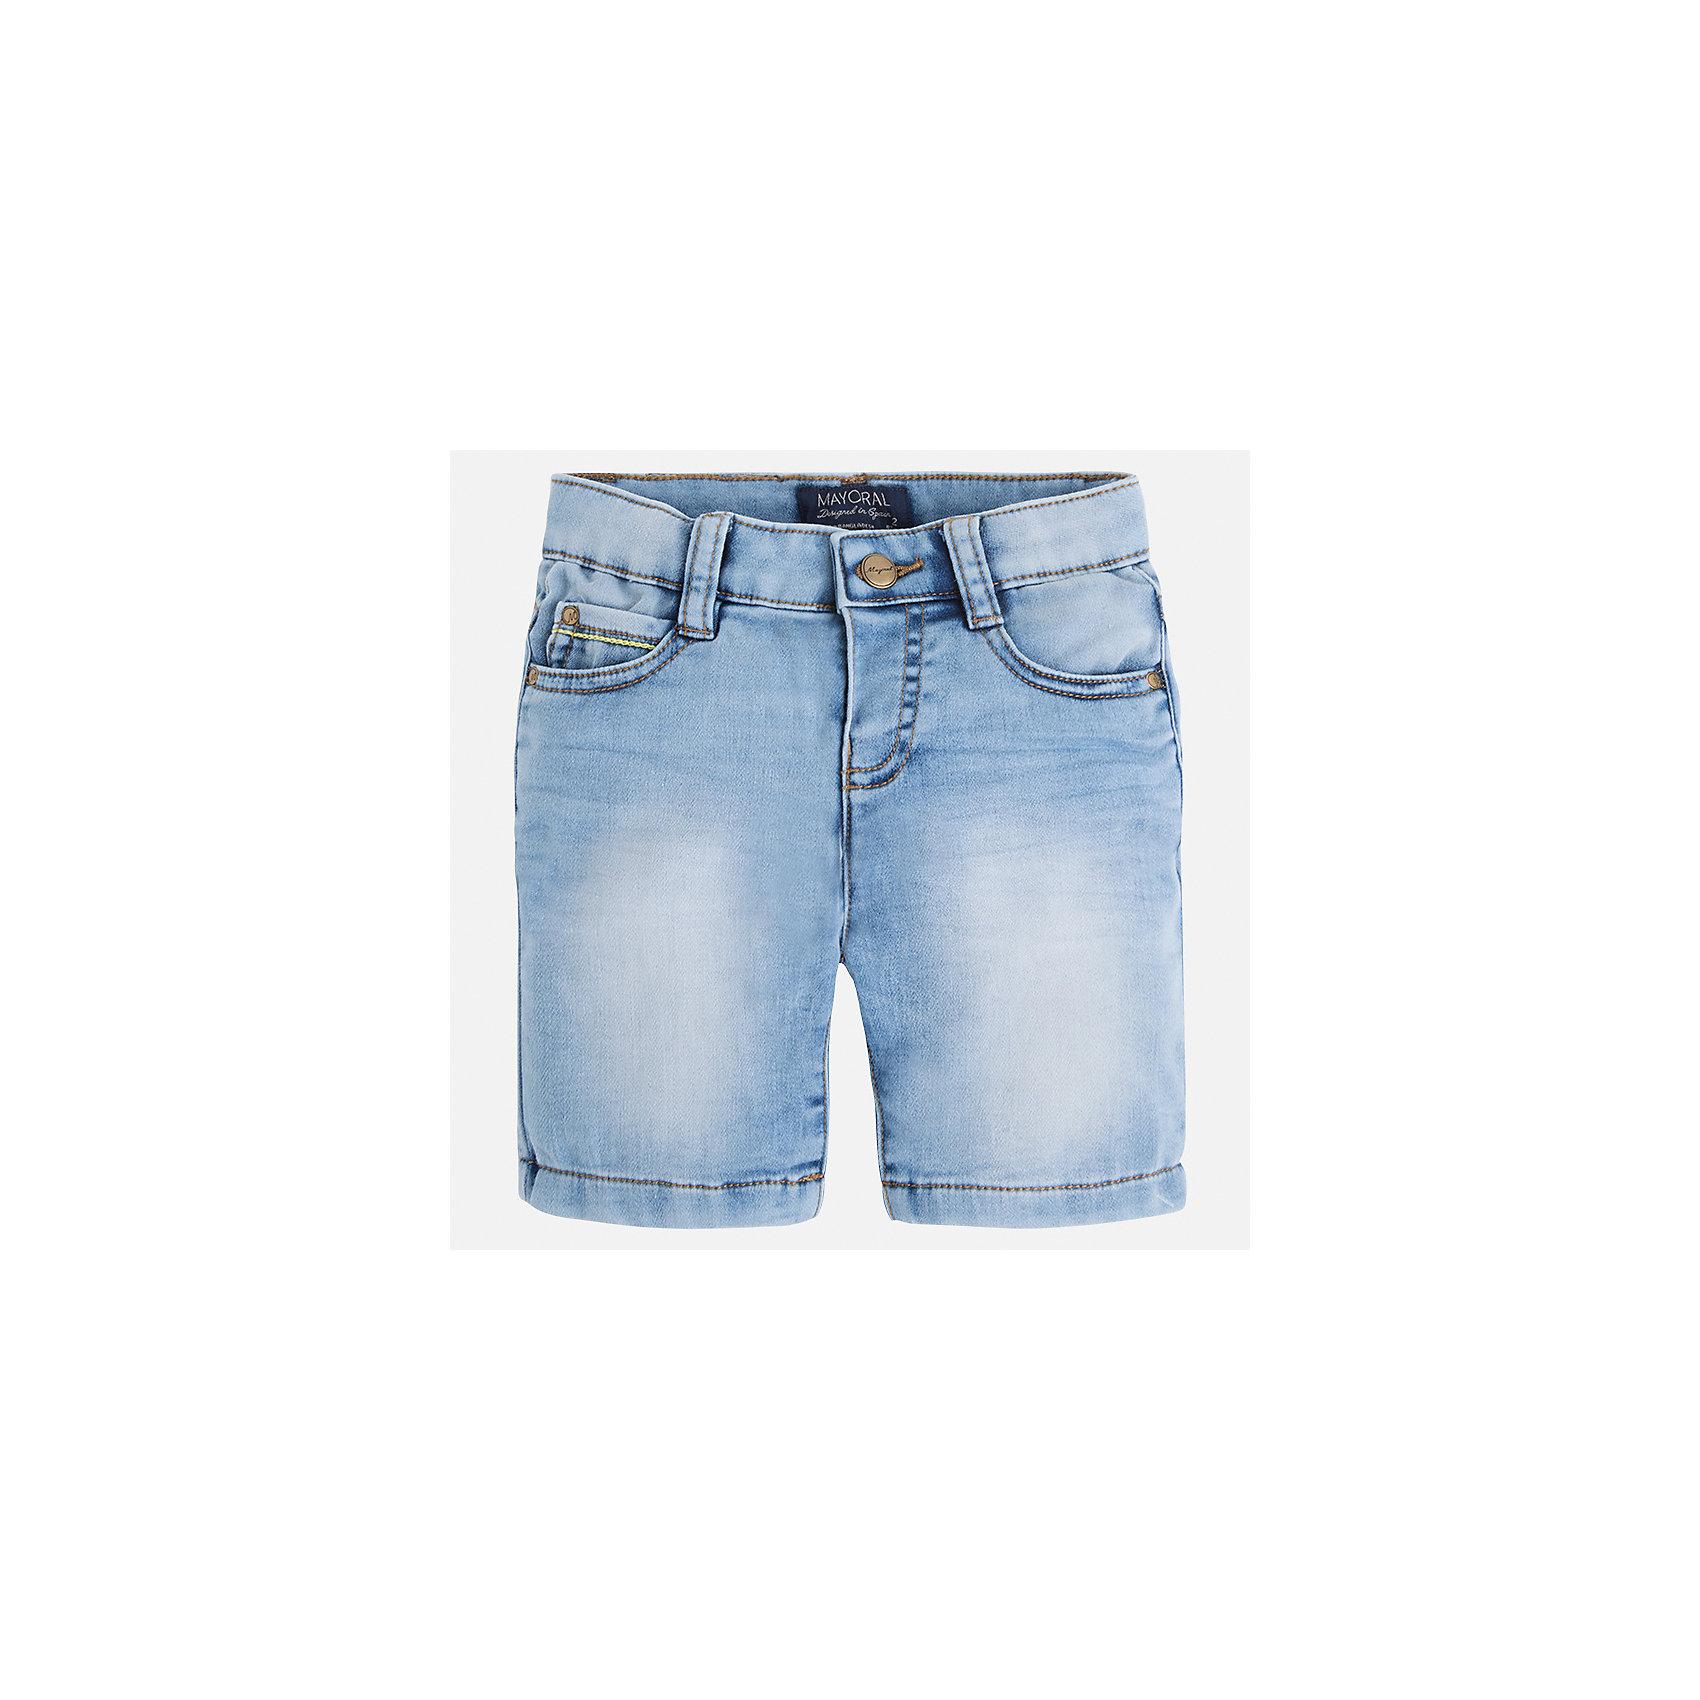 Бриджи джинсовые для мальчика MayoralДжинсовая одежда<br>Характеристики товара:<br><br>• цвет: голубой<br>• состав: текстиль<br>• шлевки<br>• карманы<br>• пояс с регулировкой объема<br>• имитация потертости<br>• страна бренда: Испания<br><br>Модные бриджи для мальчика смогут стать базовой вещью в гардеробе ребенка. Они отлично сочетаются с майками, футболками, рубашками и т.д. Универсальный крой и цвет позволяет подобрать к вещи верх разных расцветок. Практичное и стильное изделие! В составе материала - натуральный хлопок, гипоаллергенный, приятный на ощупь, дышащий.<br><br>Одежда, обувь и аксессуары от испанского бренда Mayoral полюбились детям и взрослым по всему миру. Модели этой марки - стильные и удобные. Для их производства используются только безопасные, качественные материалы и фурнитура. Порадуйте ребенка модными и красивыми вещами от Mayoral! <br><br>Бриджи для мальчика от испанского бренда Mayoral (Майорал) можно купить в нашем интернет-магазине.<br><br>Ширина мм: 191<br>Глубина мм: 10<br>Высота мм: 175<br>Вес г: 273<br>Цвет: синий<br>Возраст от месяцев: 18<br>Возраст до месяцев: 24<br>Пол: Мужской<br>Возраст: Детский<br>Размер: 134,110,116,128,122,92,98,104<br>SKU: 5272549